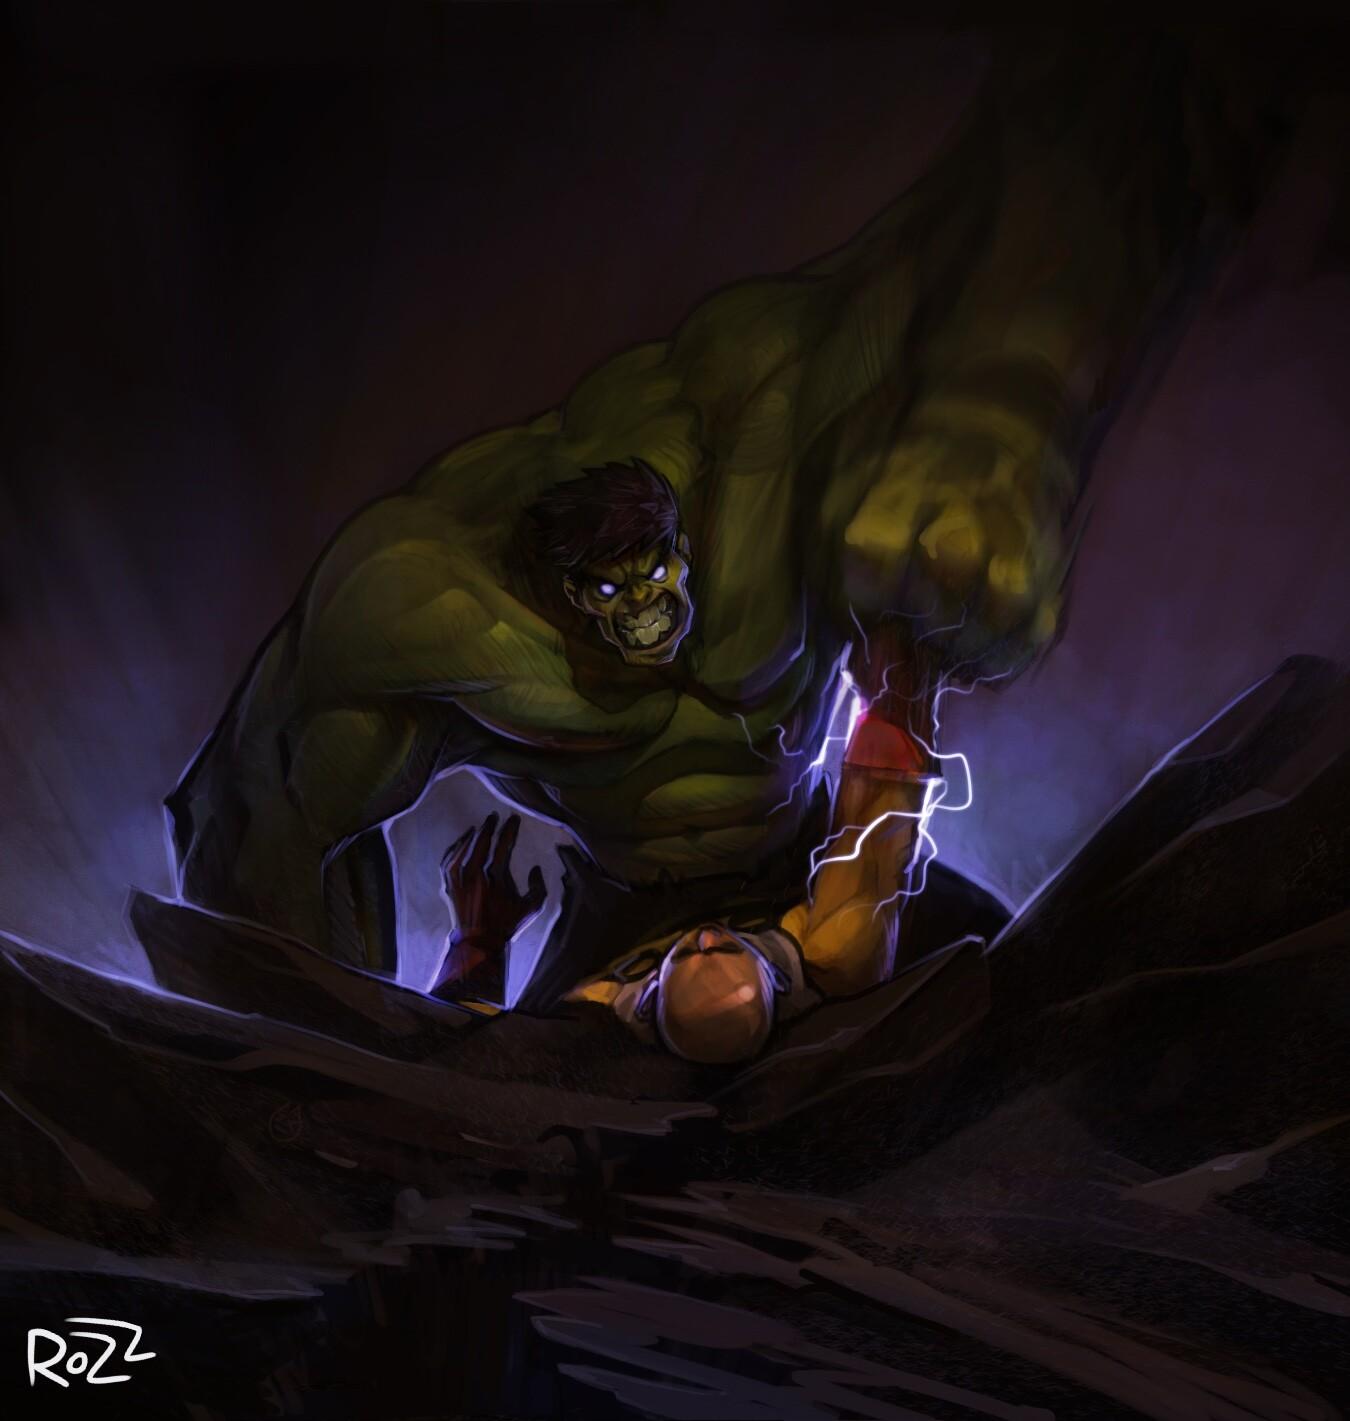 Hulk vs Saitama